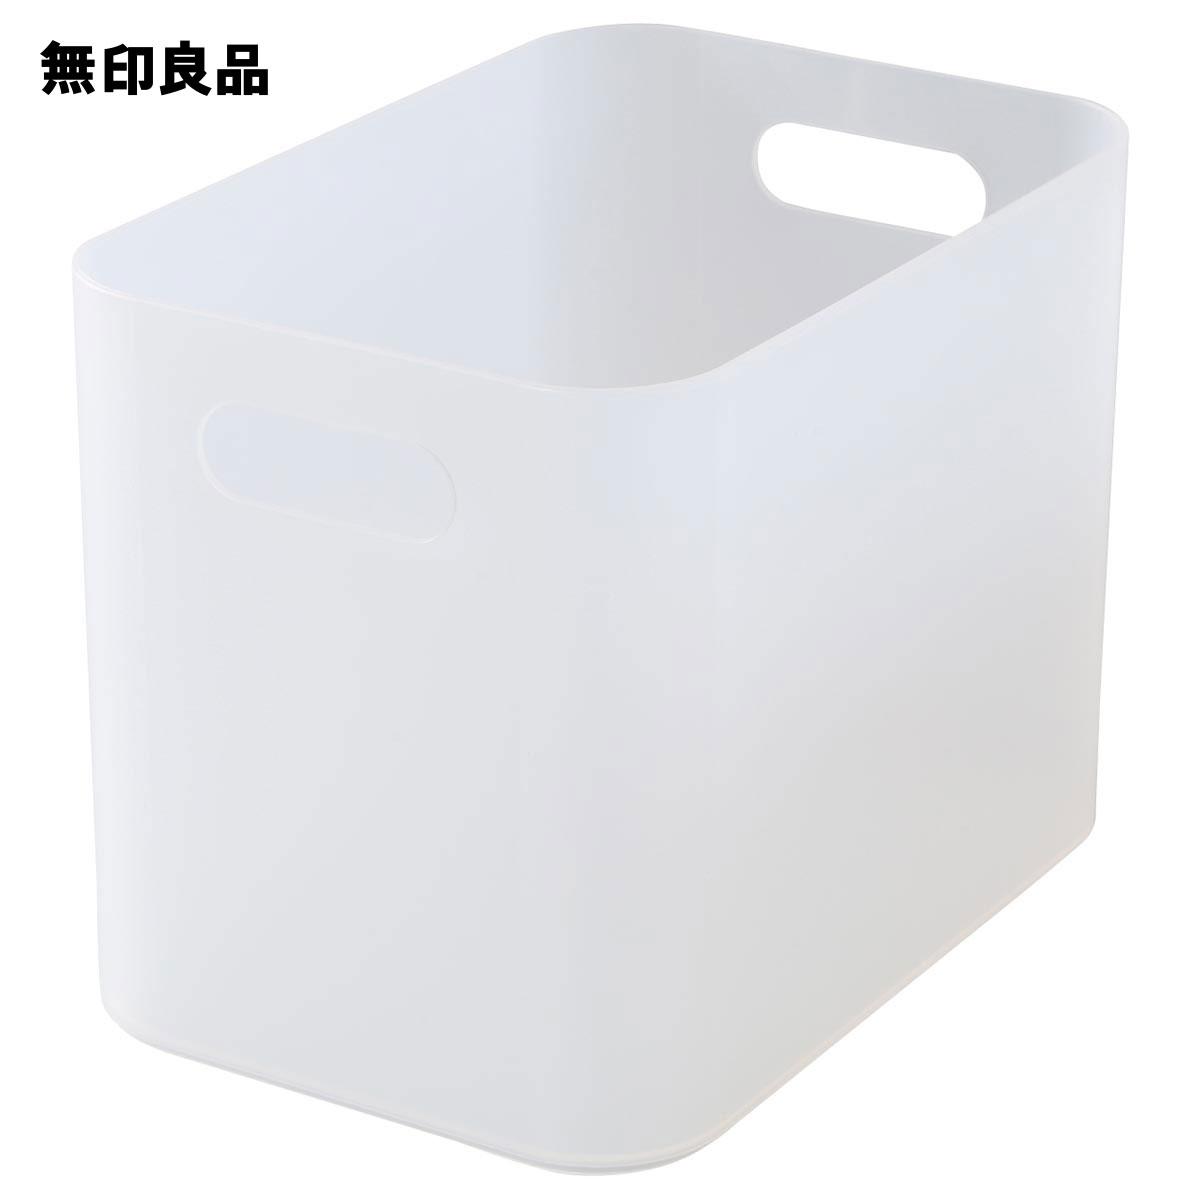 【無印良品 公式】ポリプロピレンメイクボックス 約150×220×169mm